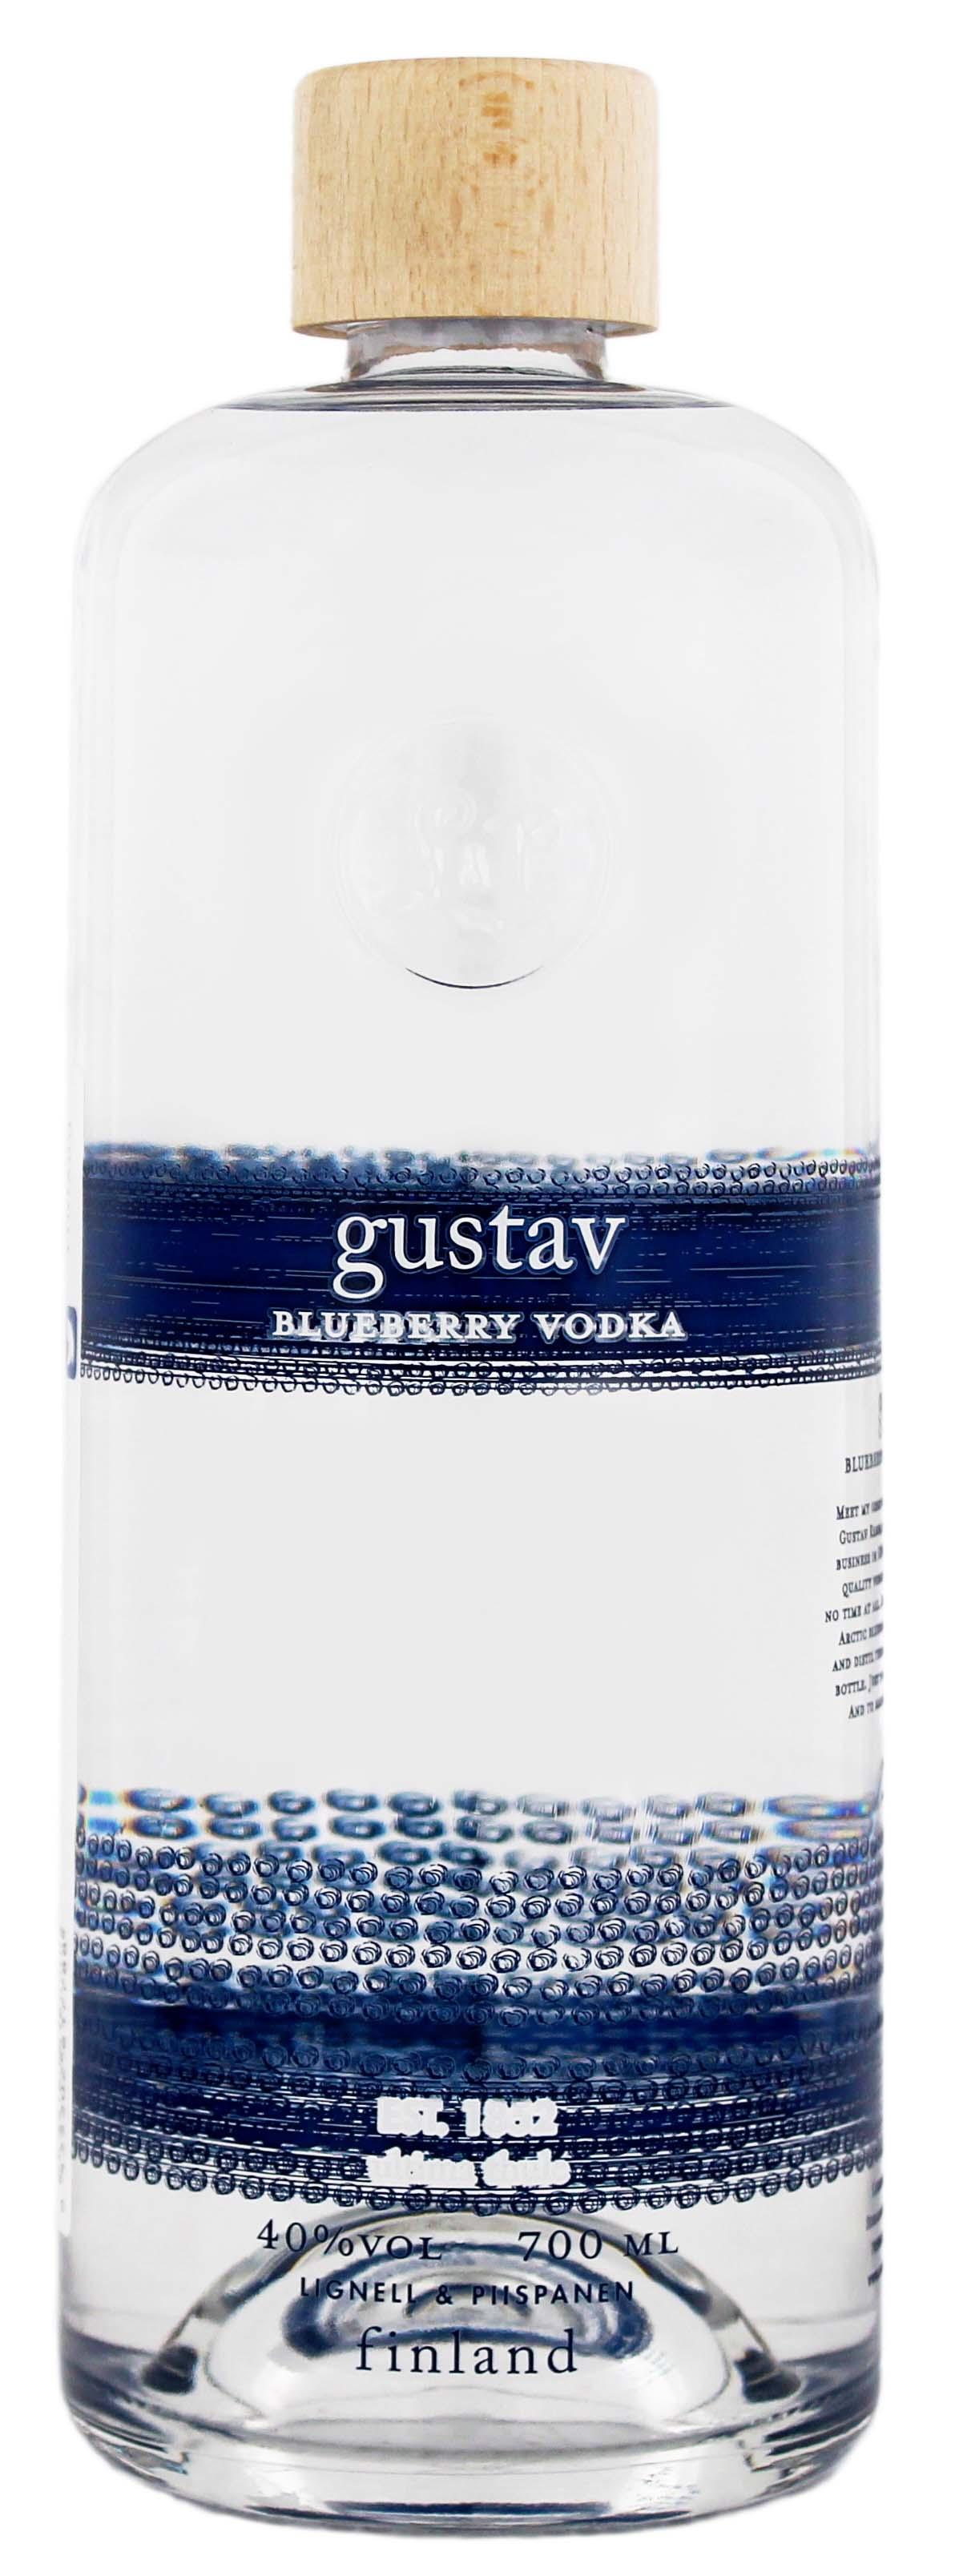 Gustav Blueberry Vodka 0,7L